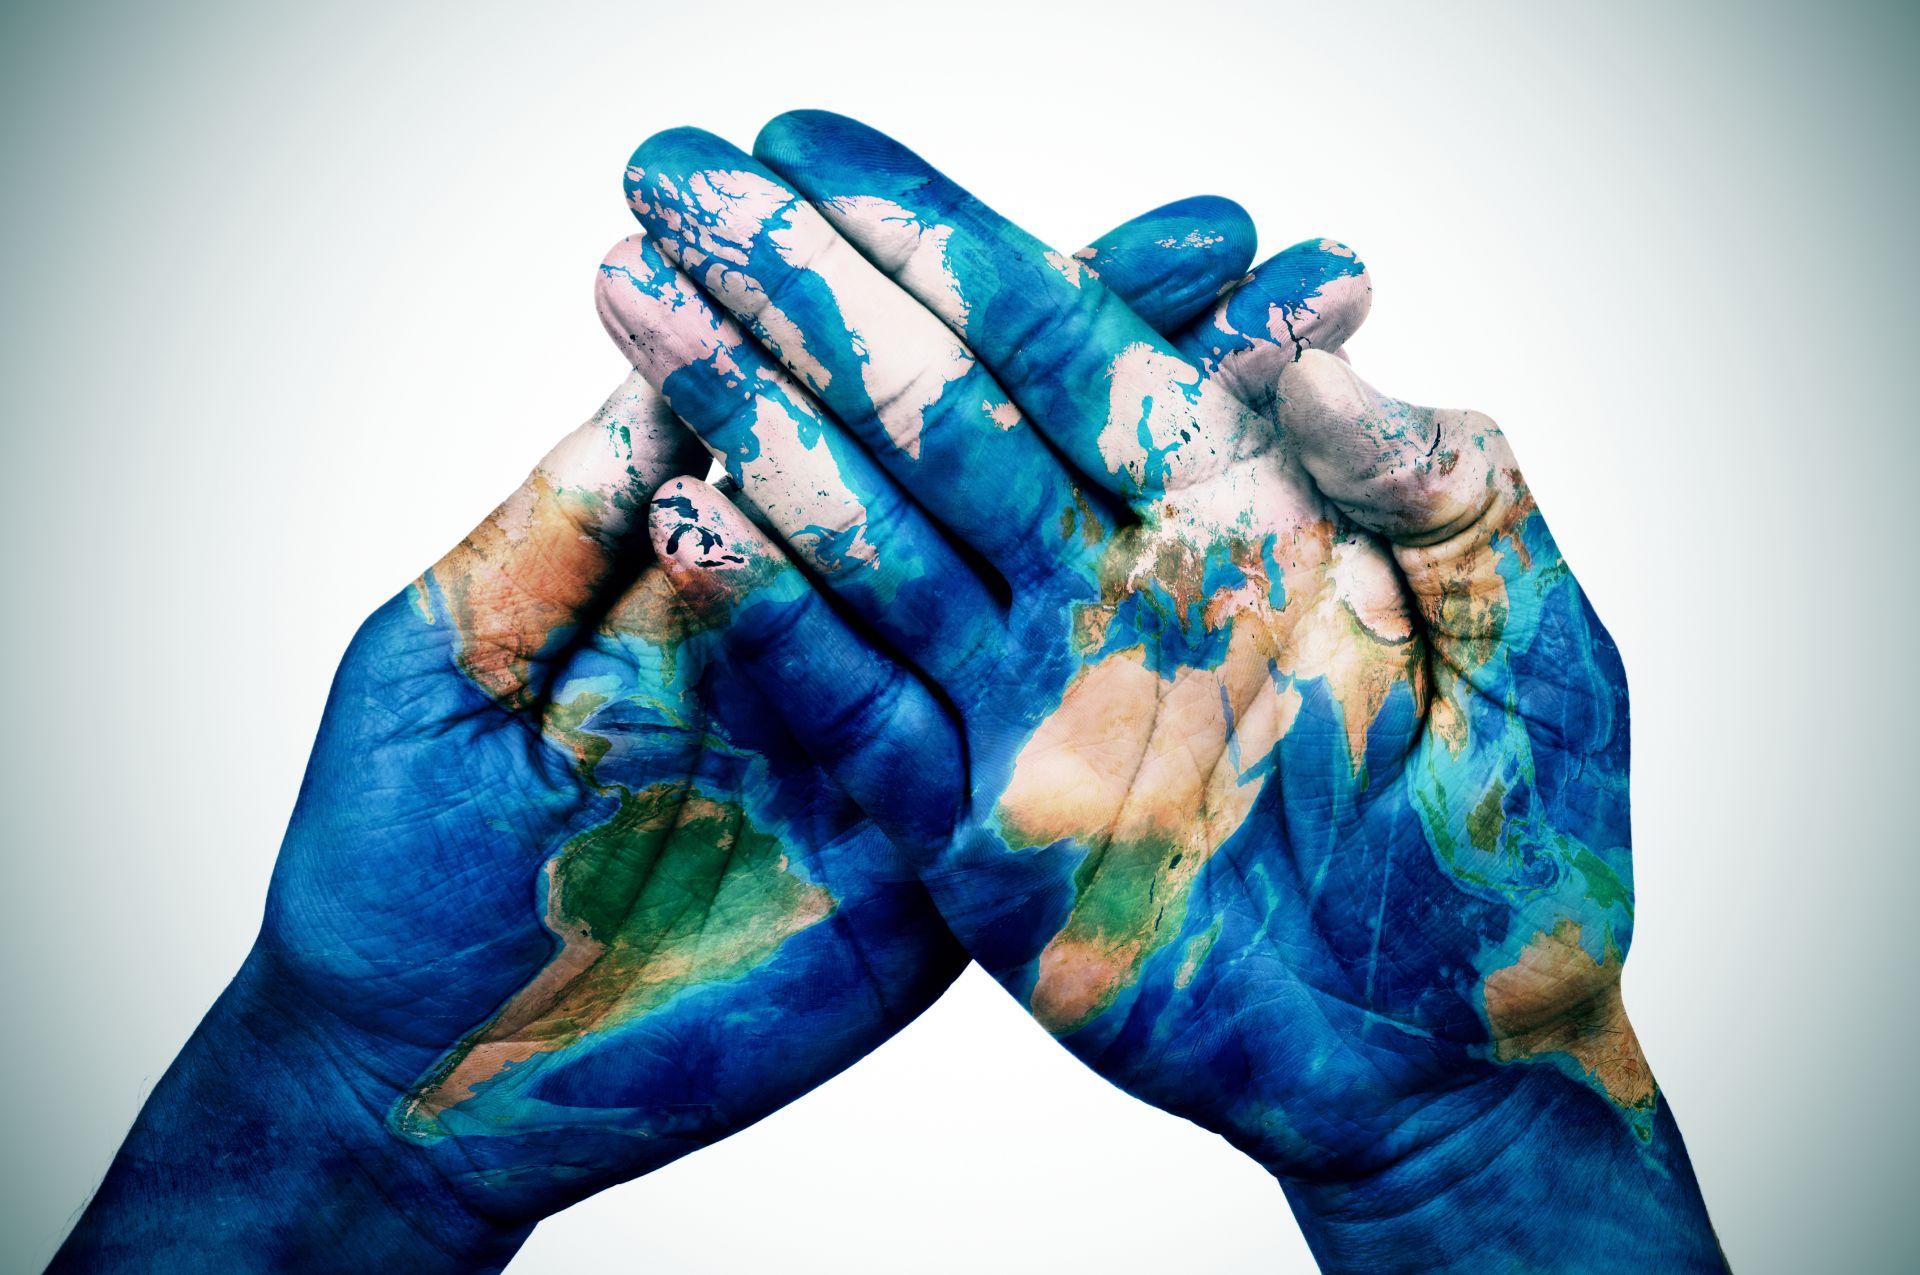 Klimaschutz bei Strom und Auto: Jeder Zweite will umweltbewusster leben